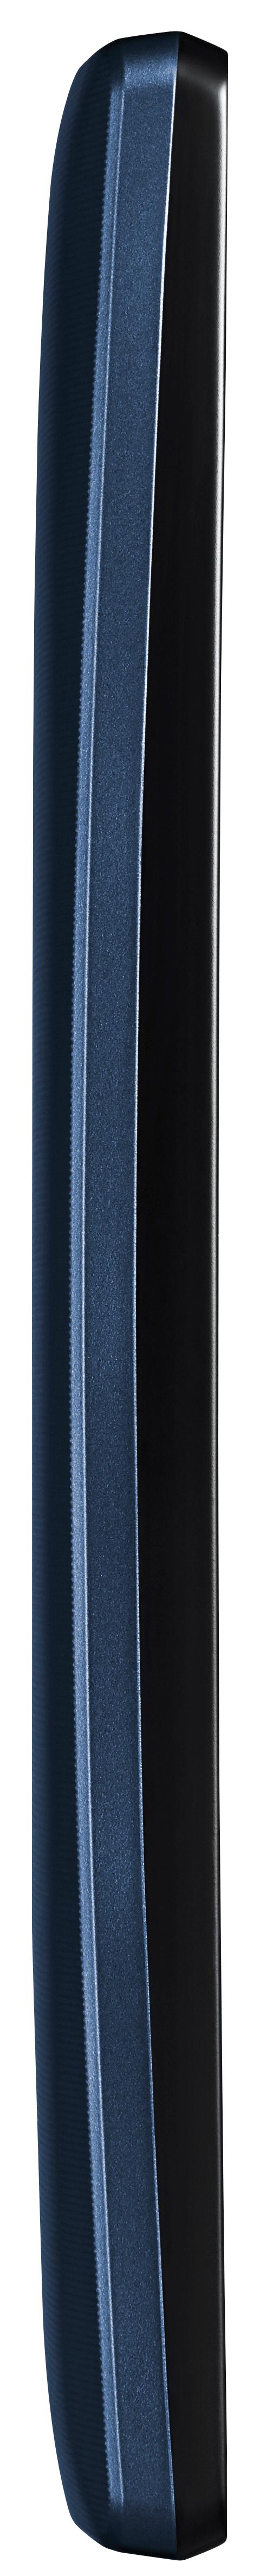 Мобильный телефон LG Spirit Y70 H422 Titan + панель в подарок - 2